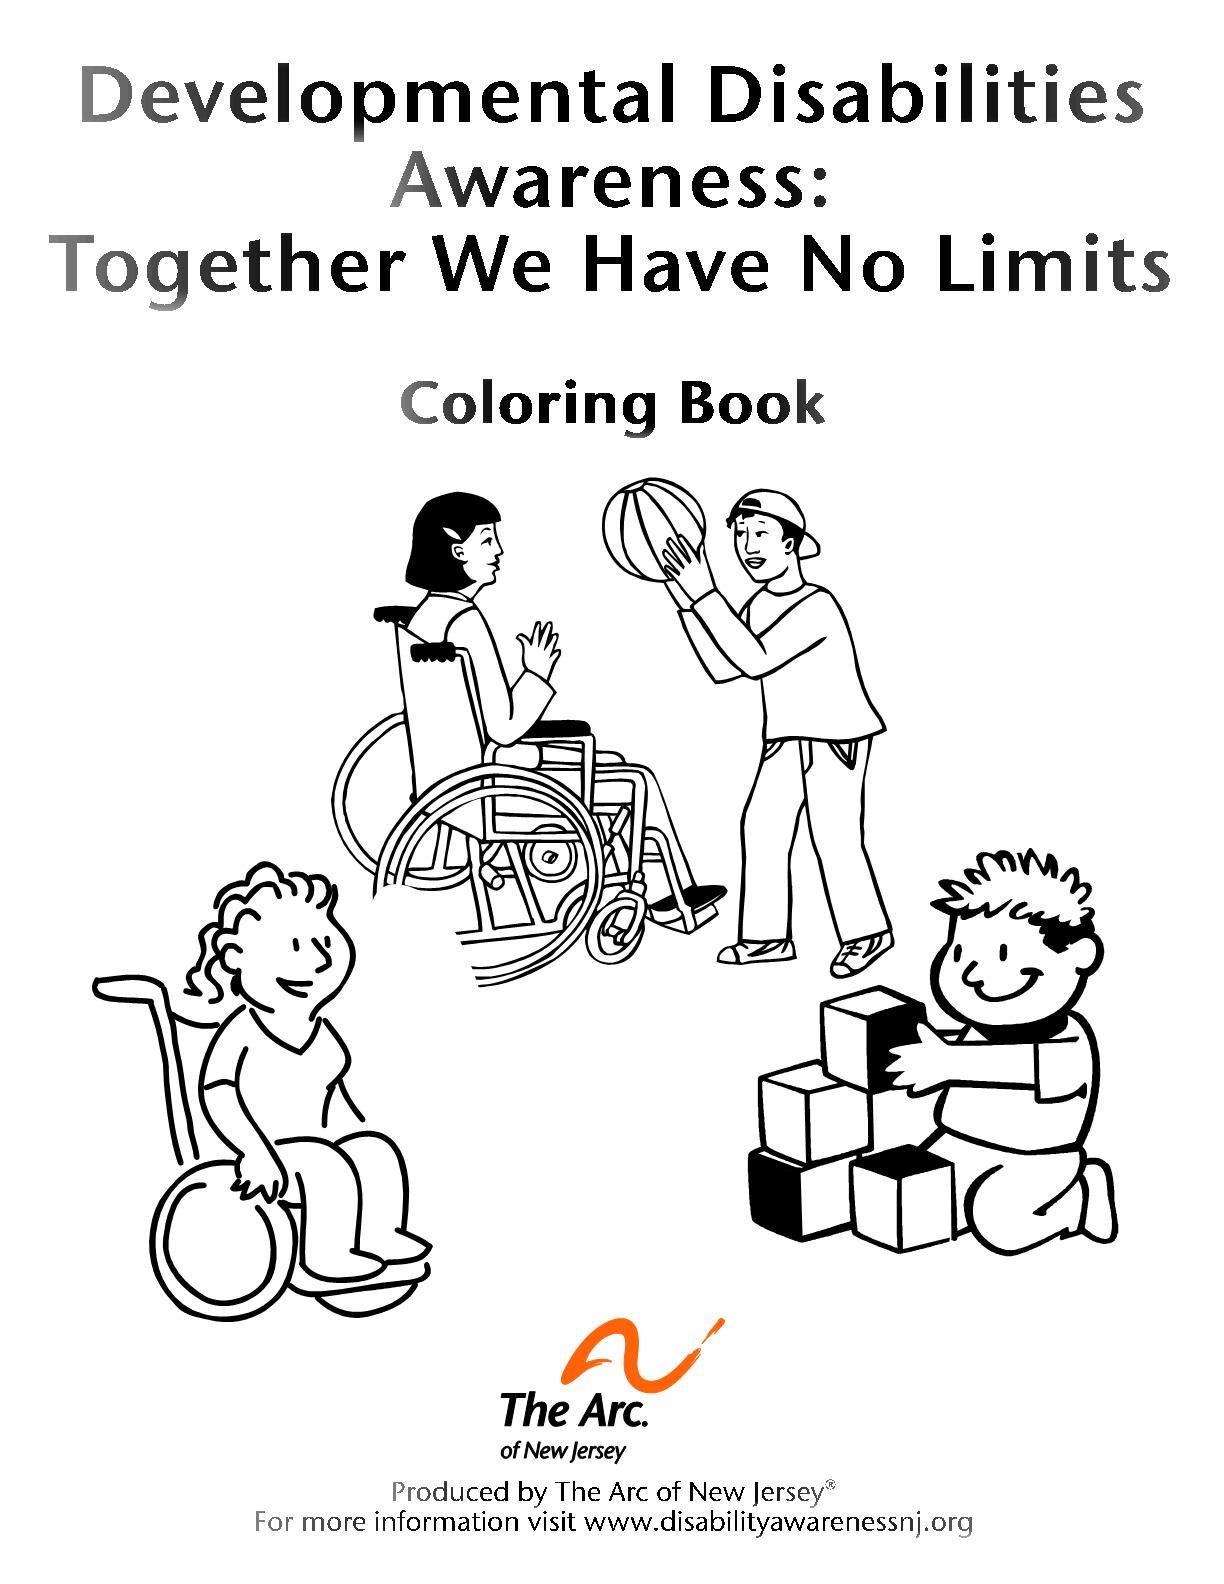 DD Awareness Coloring Book